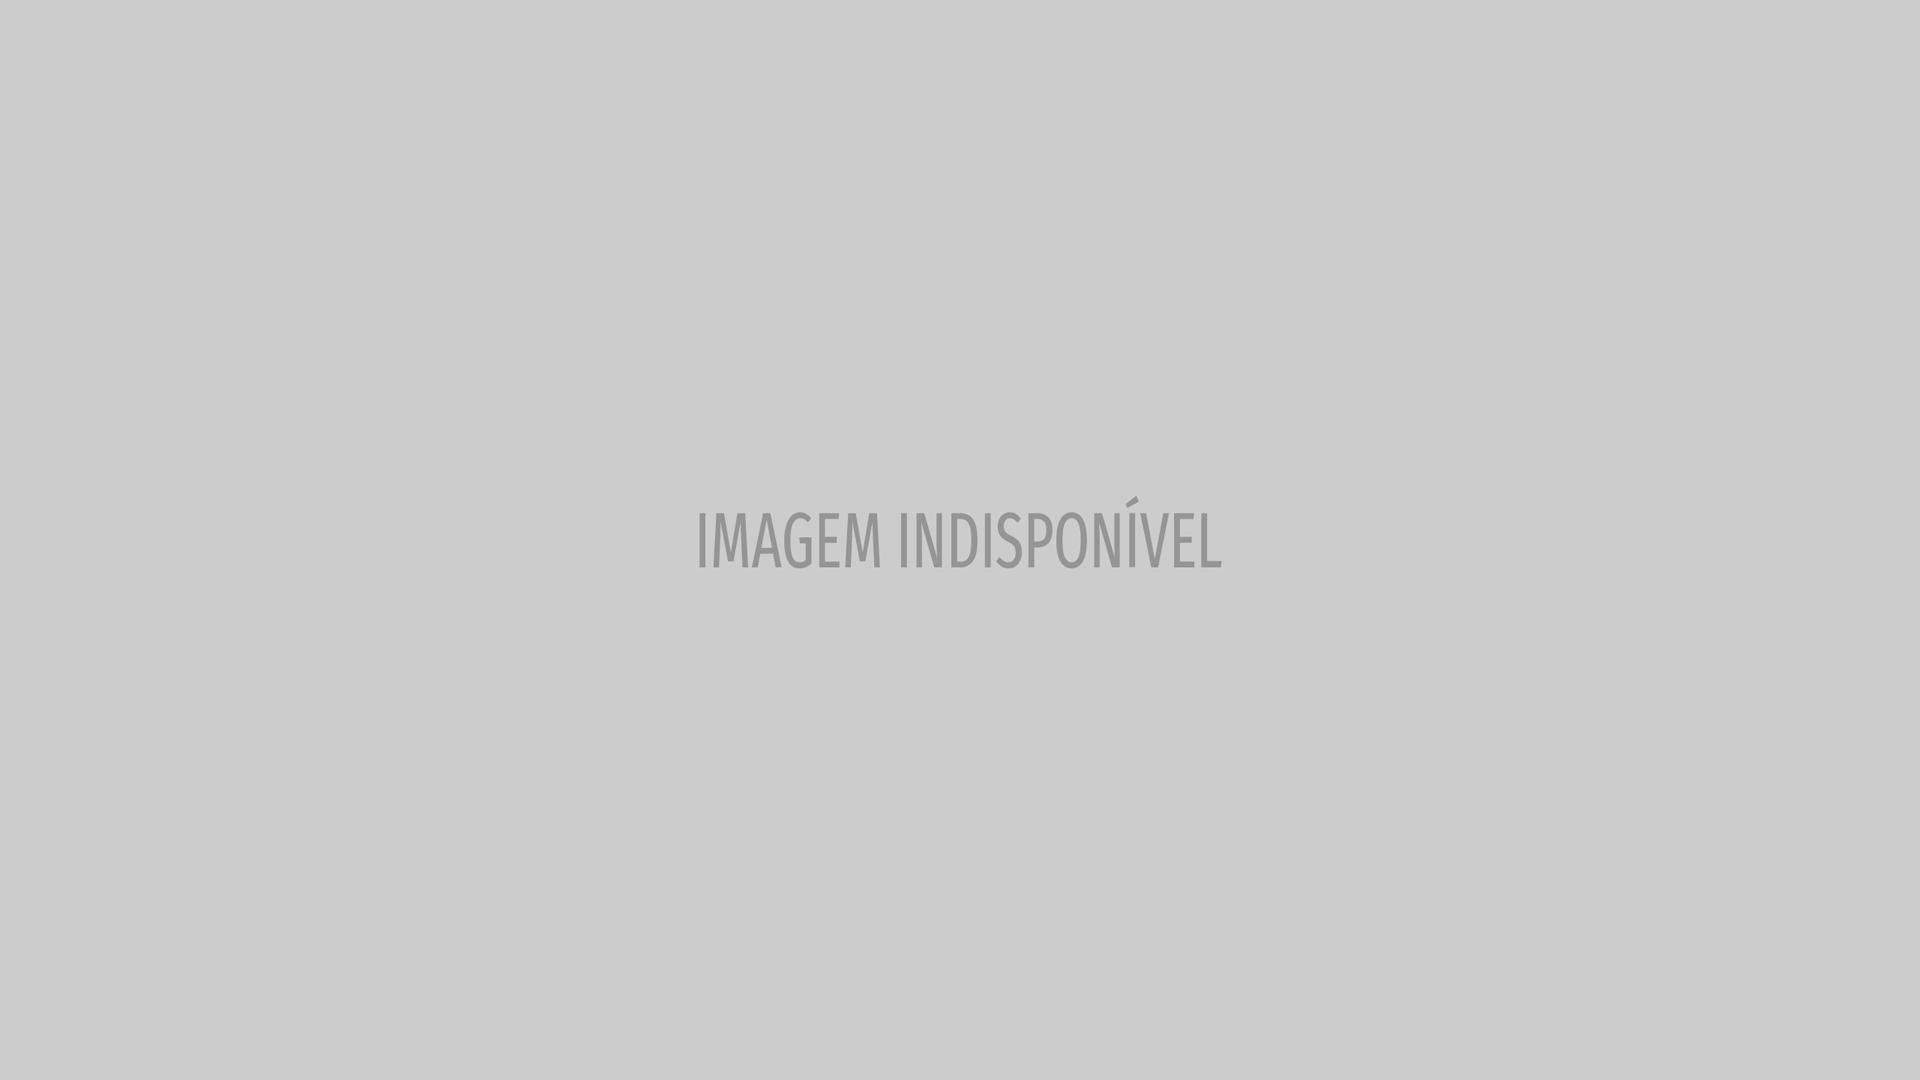 Bárbara Borges comemora um ano sem consumir bebidas alcoólicas